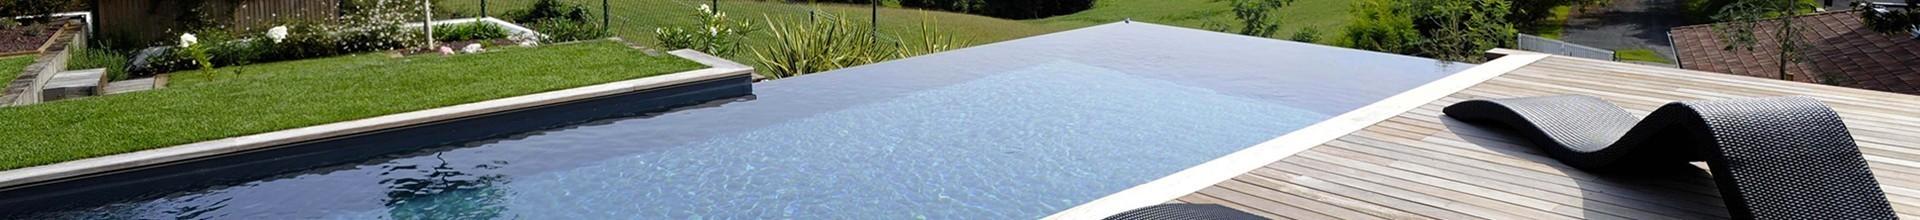 ✅  Auvergne Haute Savoie Fabricant d'une piscine révolutionnaire